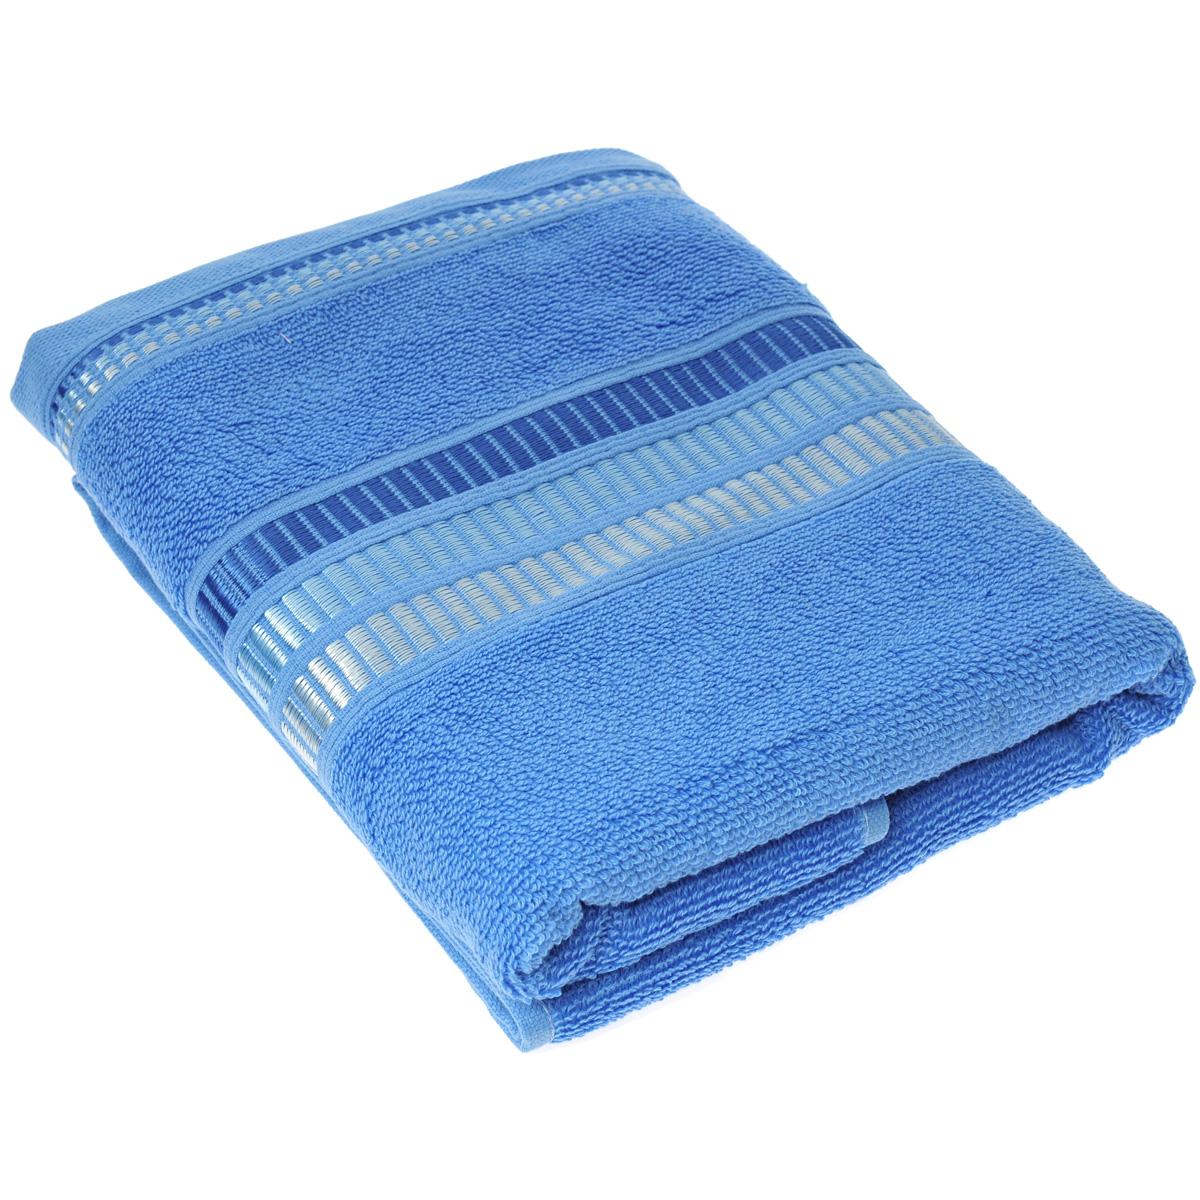 Полотенце махровое Coronet Пиано, цвет: синий, 100 х 150 смБ-МП-2020-10-07Махровое полотенце Coronet Пиано, изготовленное из натурального хлопка, подарит массу положительных эмоций и приятных ощущений. Полотенце отличается нежностью и мягкостью материала, утонченным дизайном и превосходным качеством. Оно прекрасно впитывает влагу, быстро сохнет и не теряет своих свойств после многократных стирок. Махровое полотенце Coronet Пиано станет достойным выбором для вас и приятным подарком для ваших близких. Мягкость и высокое качество материала, из которого изготовлены полотенца не оставит вас равнодушными.